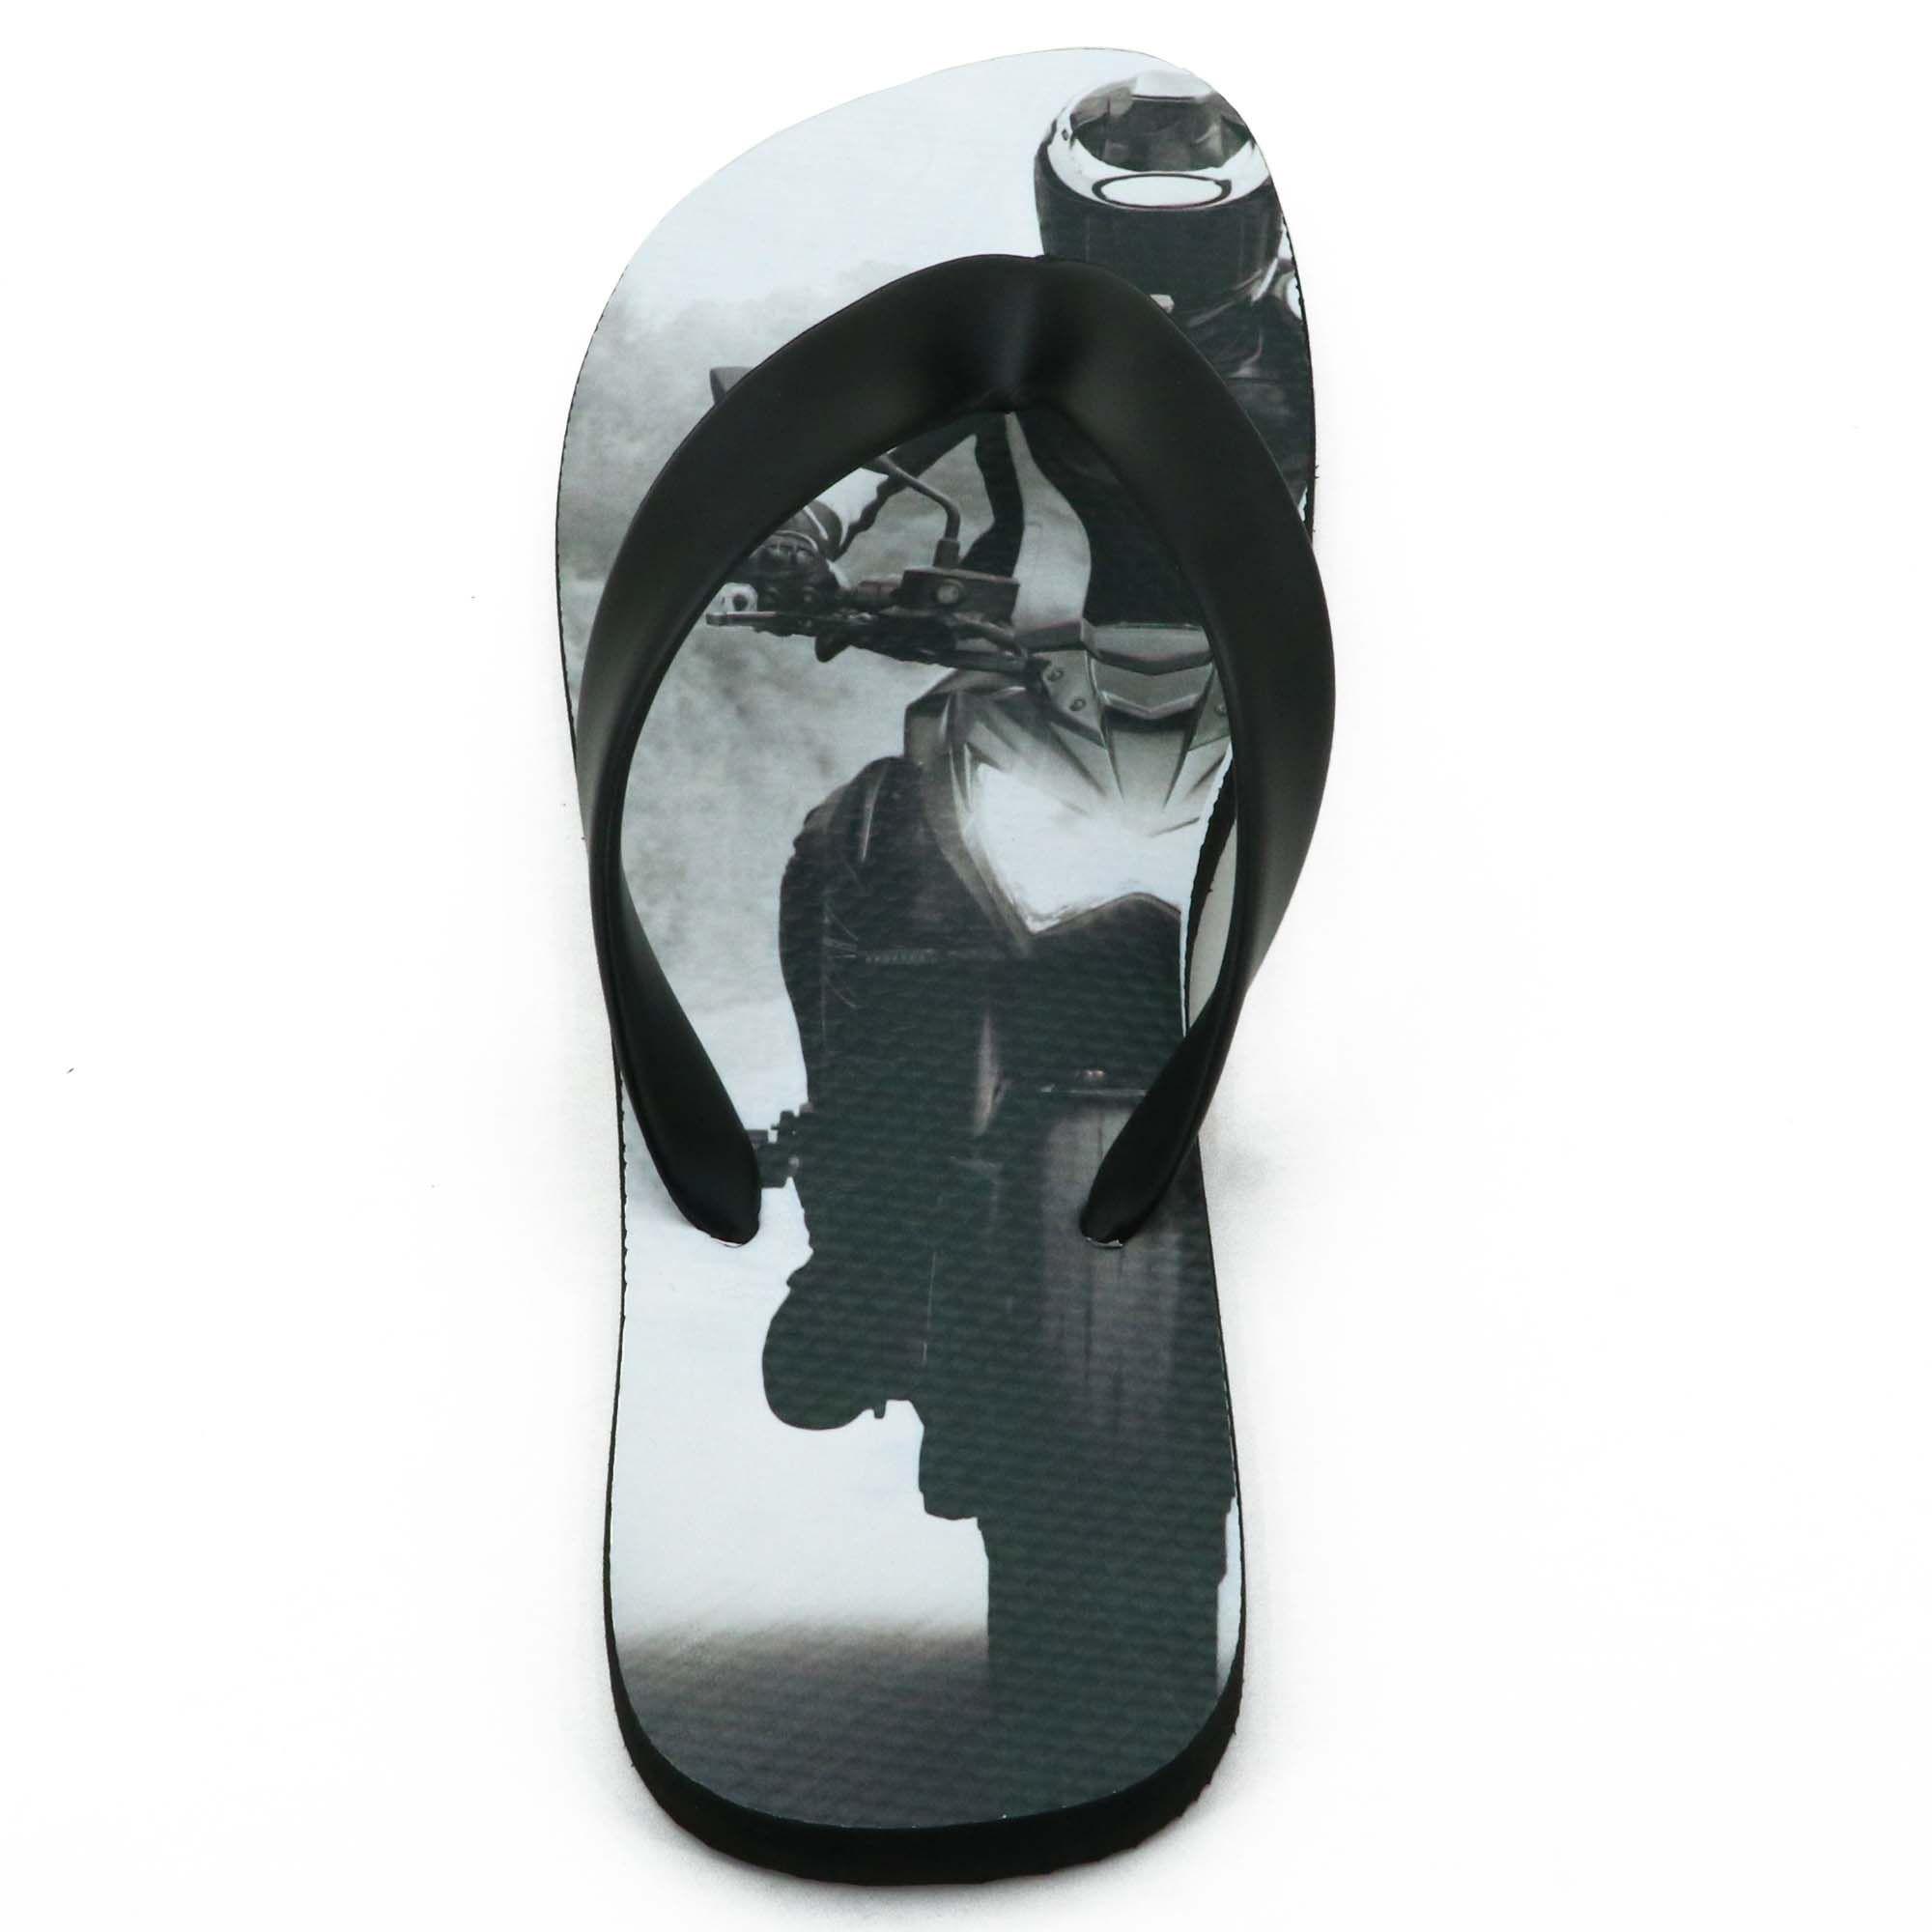 Tênis motociclista nobuck preto couro legítimo com refletivo 312 com chinelo Atron Shoes GRATIS UMA CARTEIRA